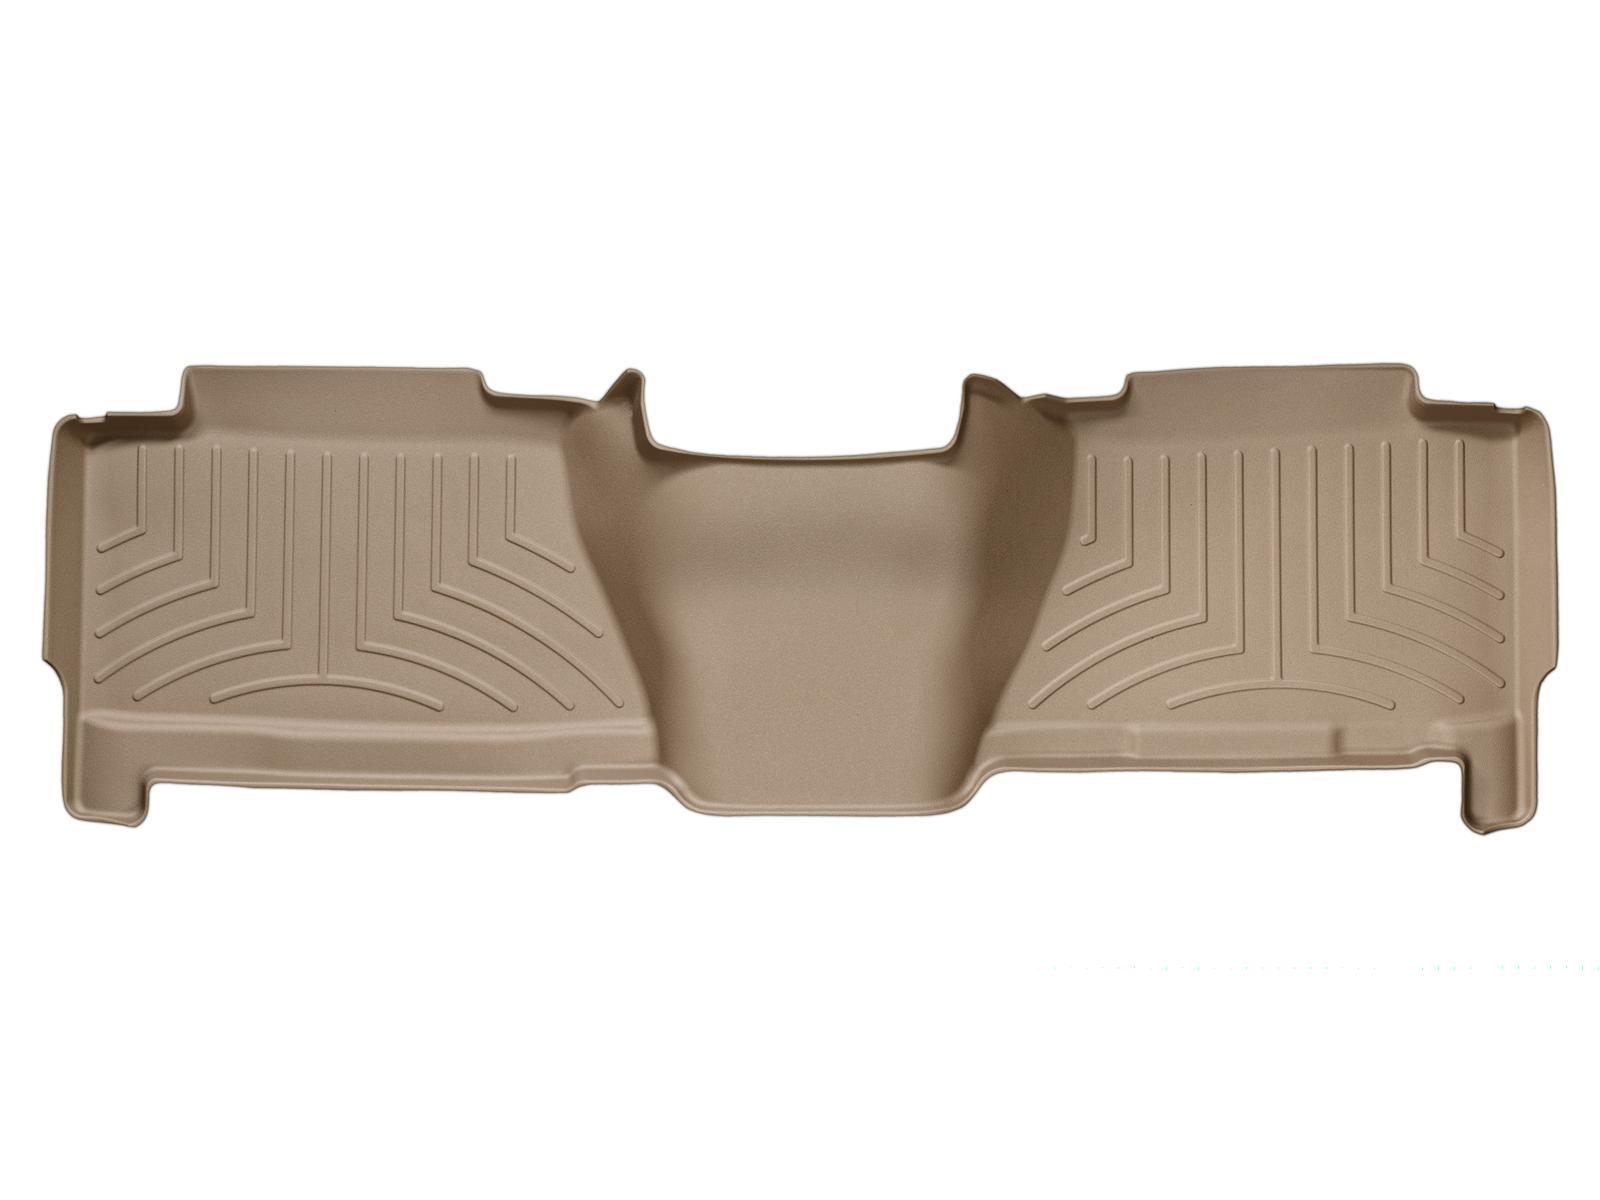 Tappeti gomma su misura bordo alto Chevrolet Silverado 01>06 Marrone A153